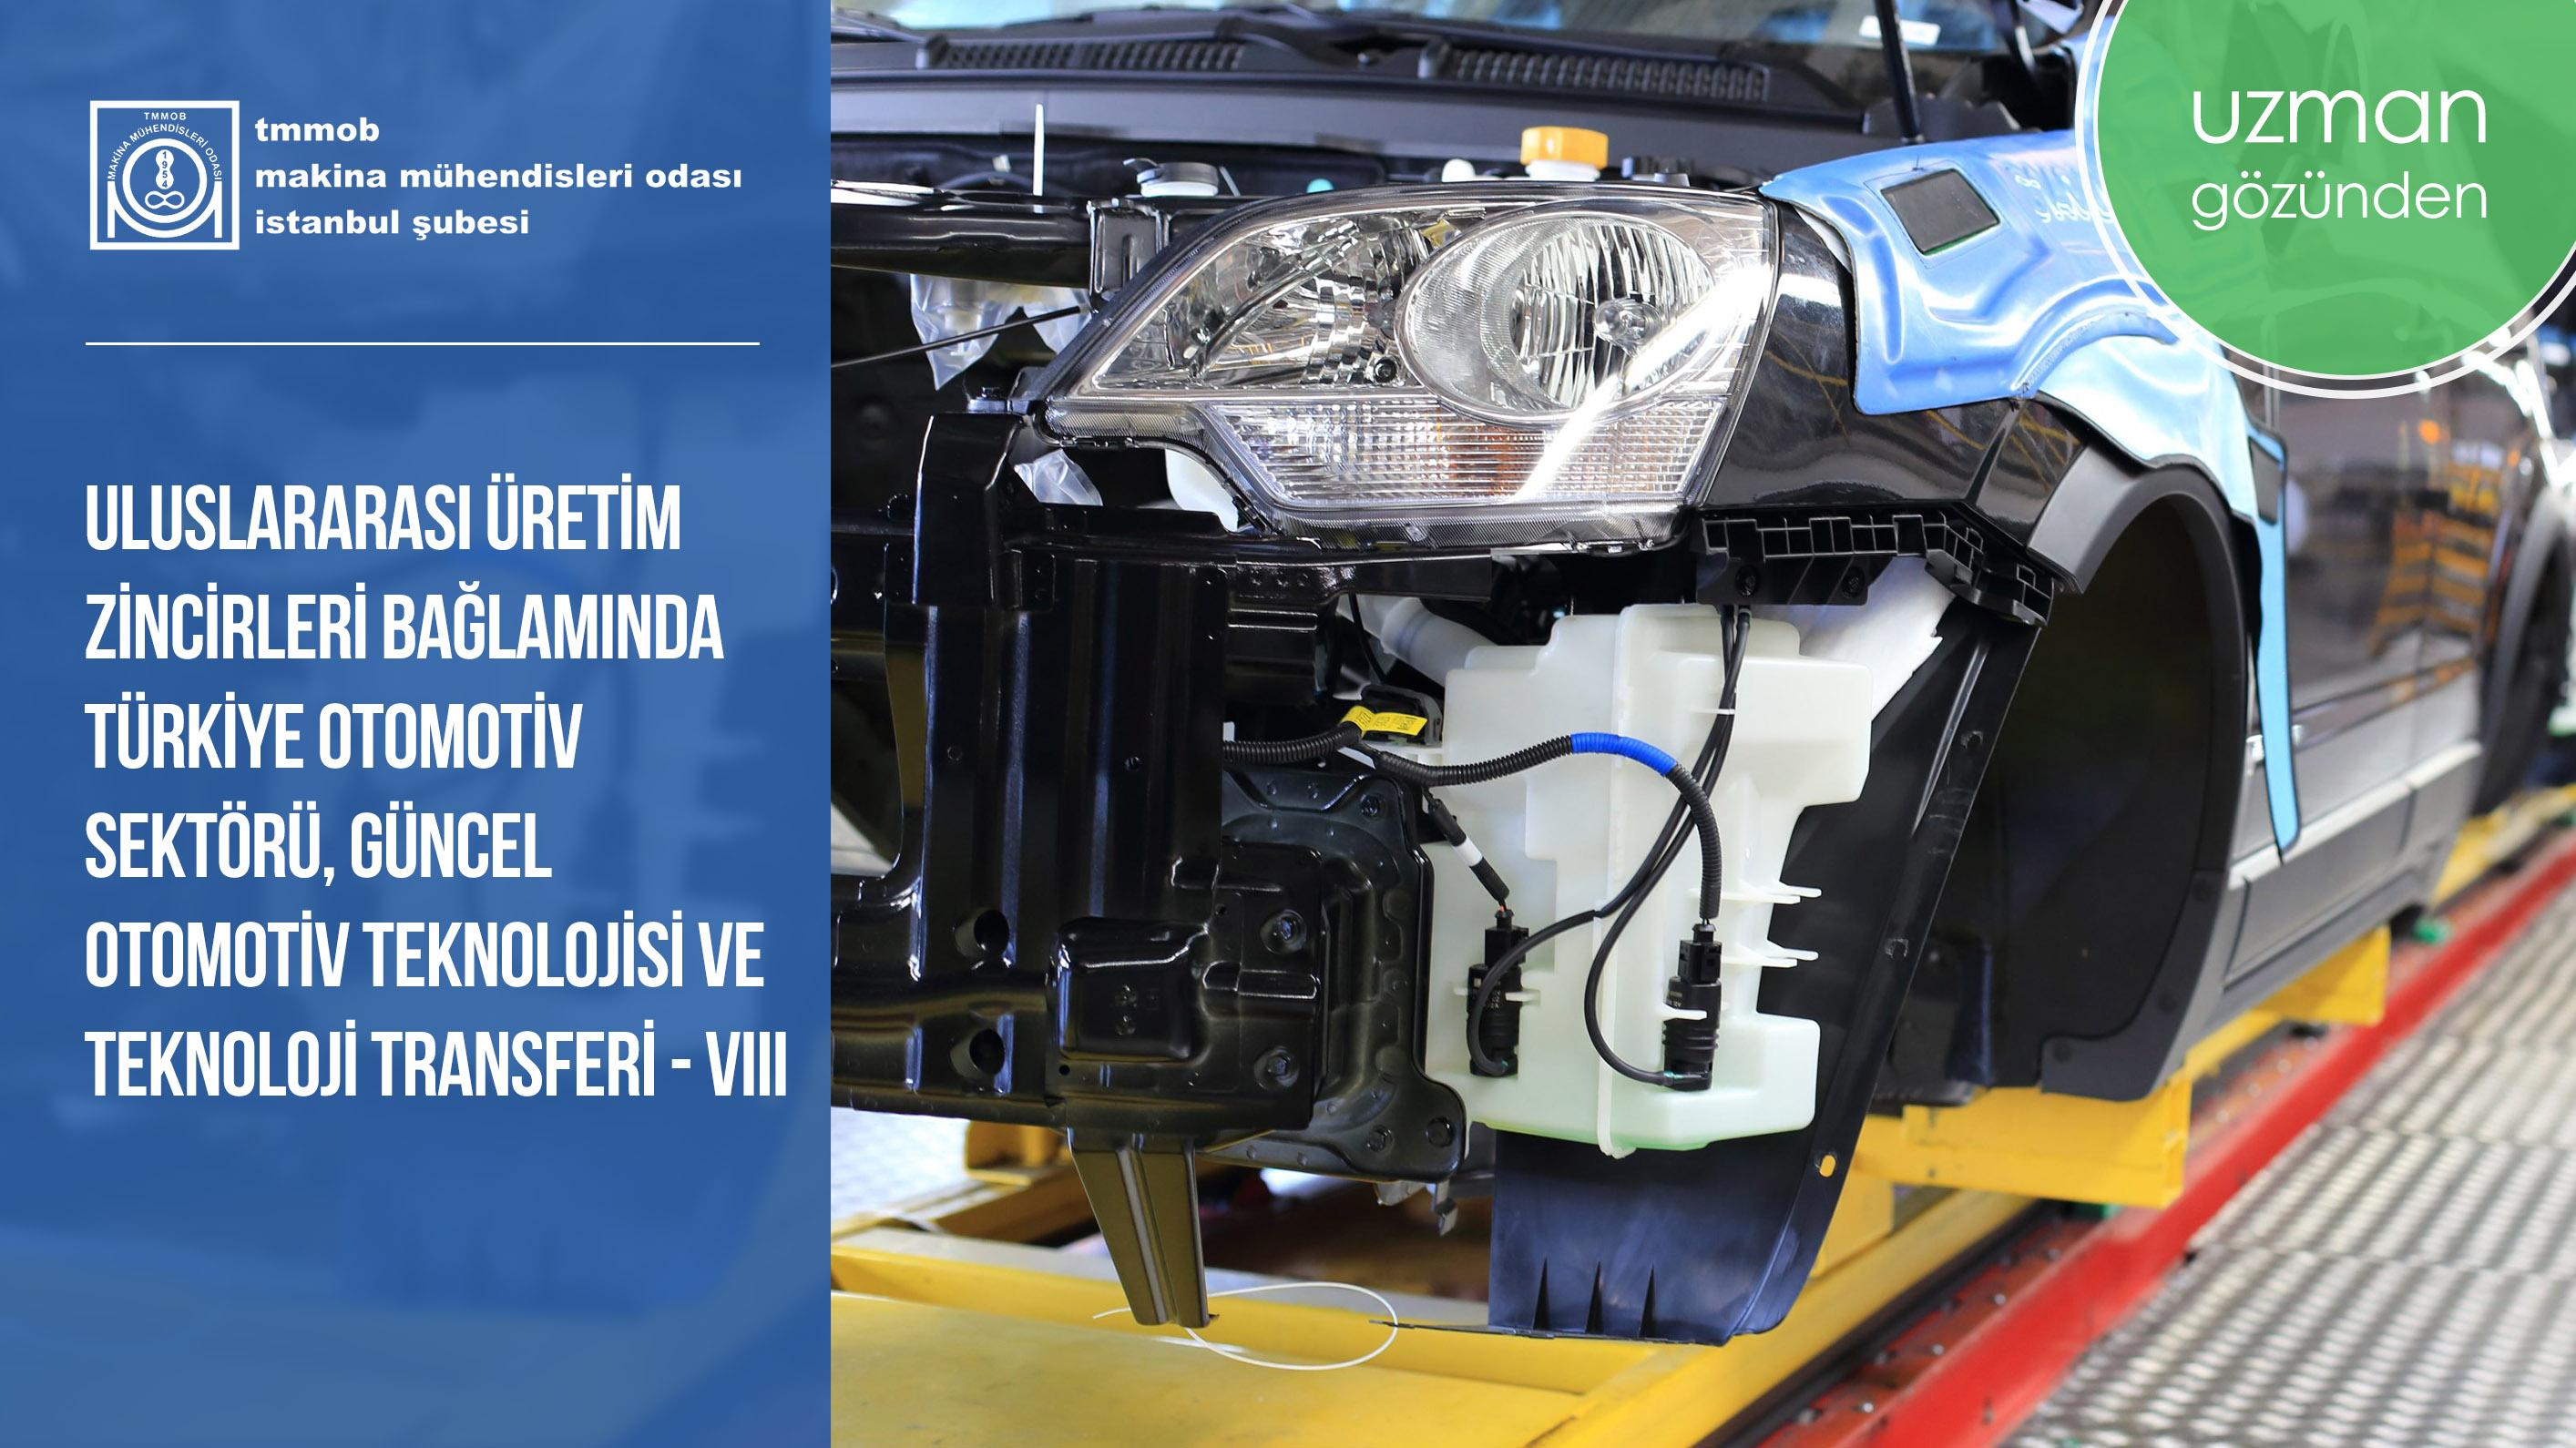 Uluslararası Üretim Zincirleri Bağlamında Türkiye Otomotiv Sektörü, Güncel Otomotiv Teknolojisi ve Teknoloji Transferi-VIII